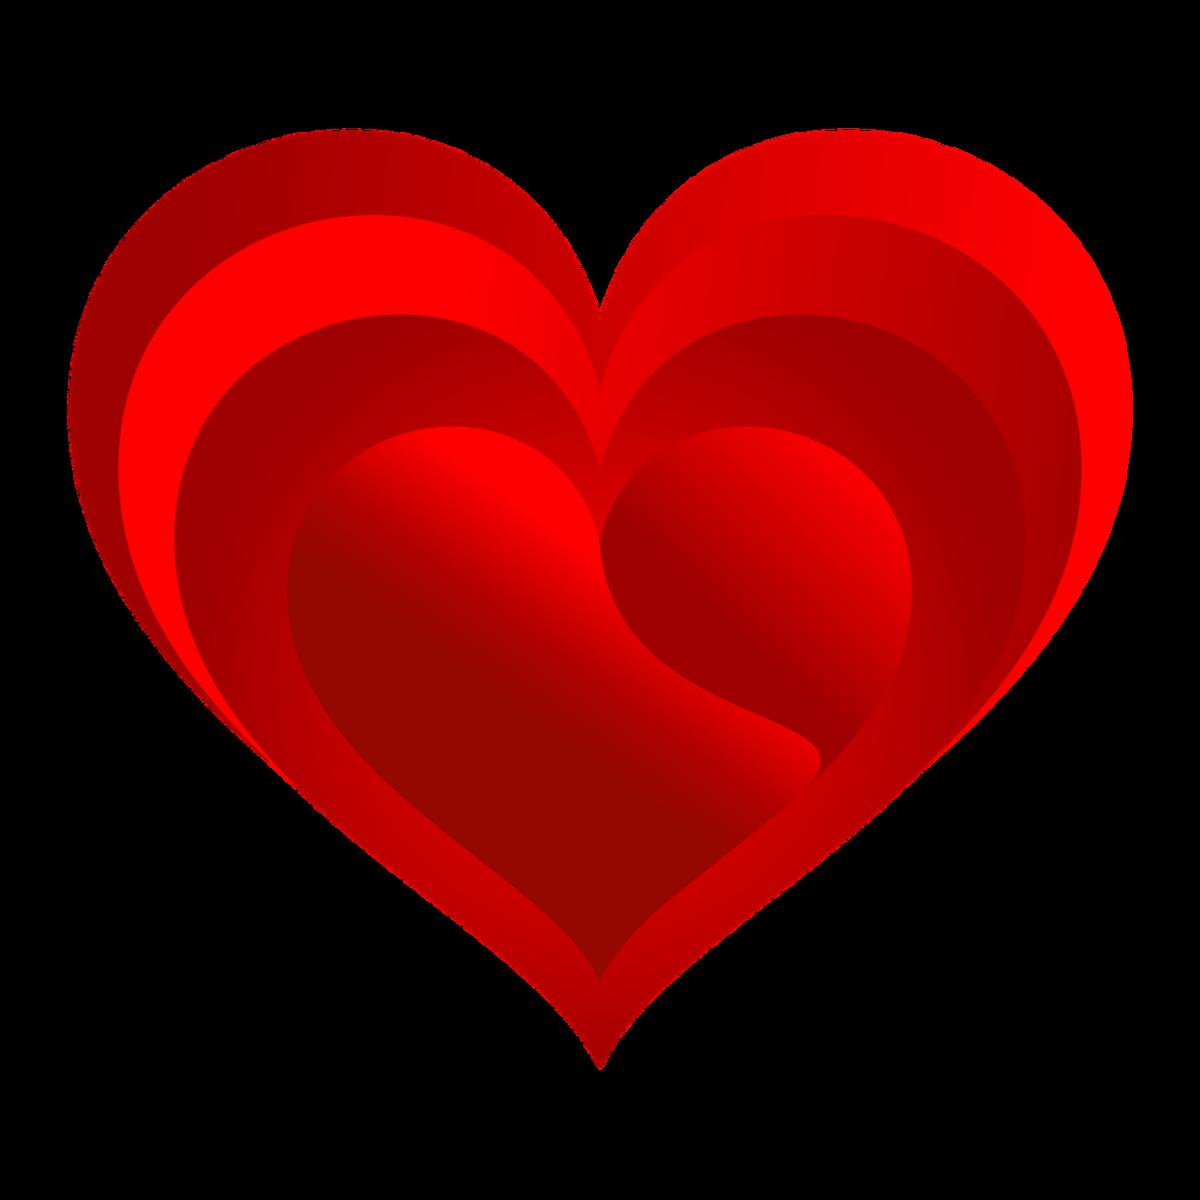 Картинки сердца для детей на прозрачном фоне